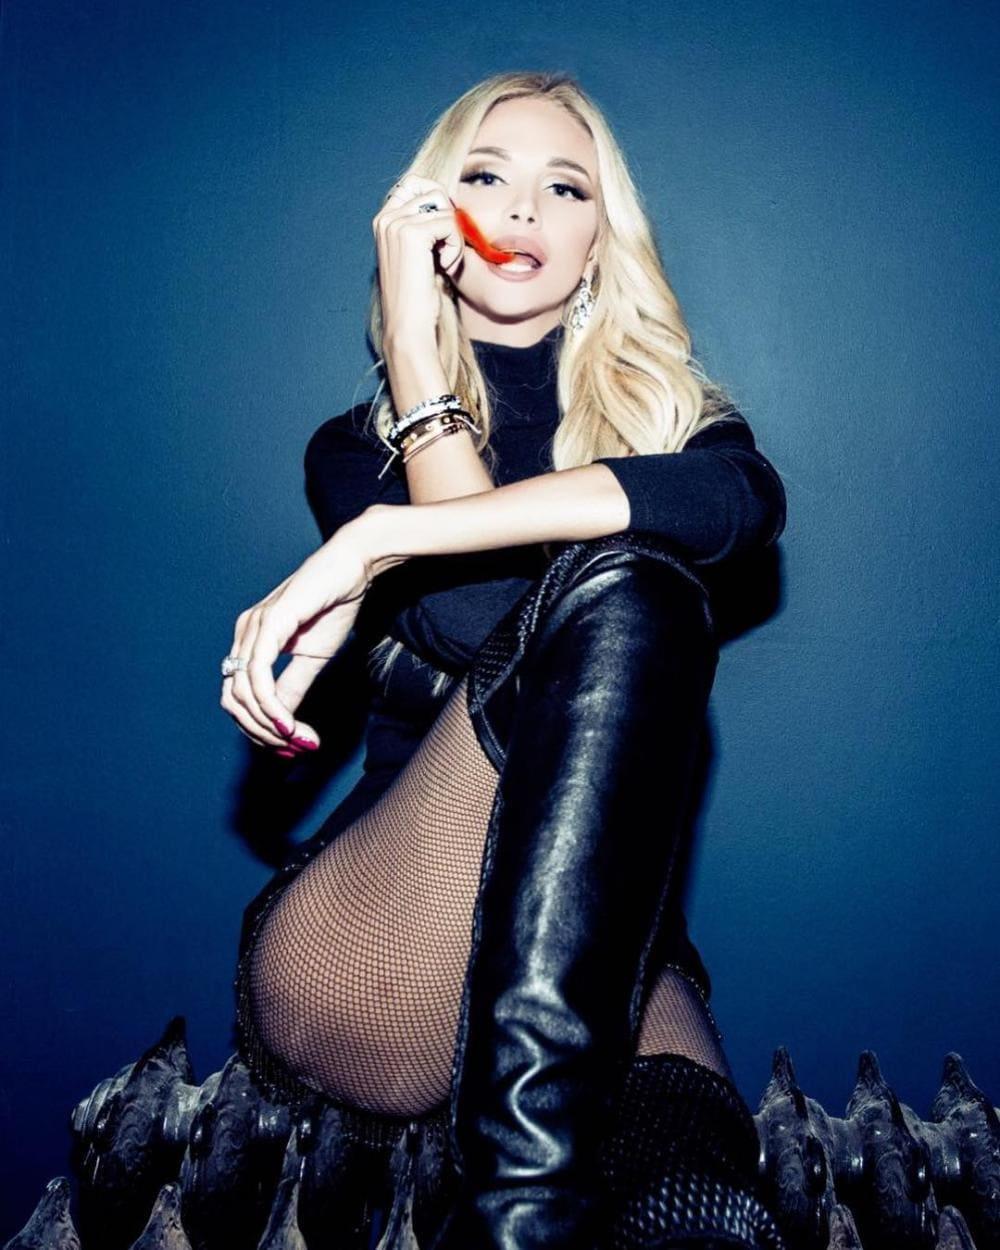 Виктория Лопырева горячие фото вся в черном с красной перчинкой во рту